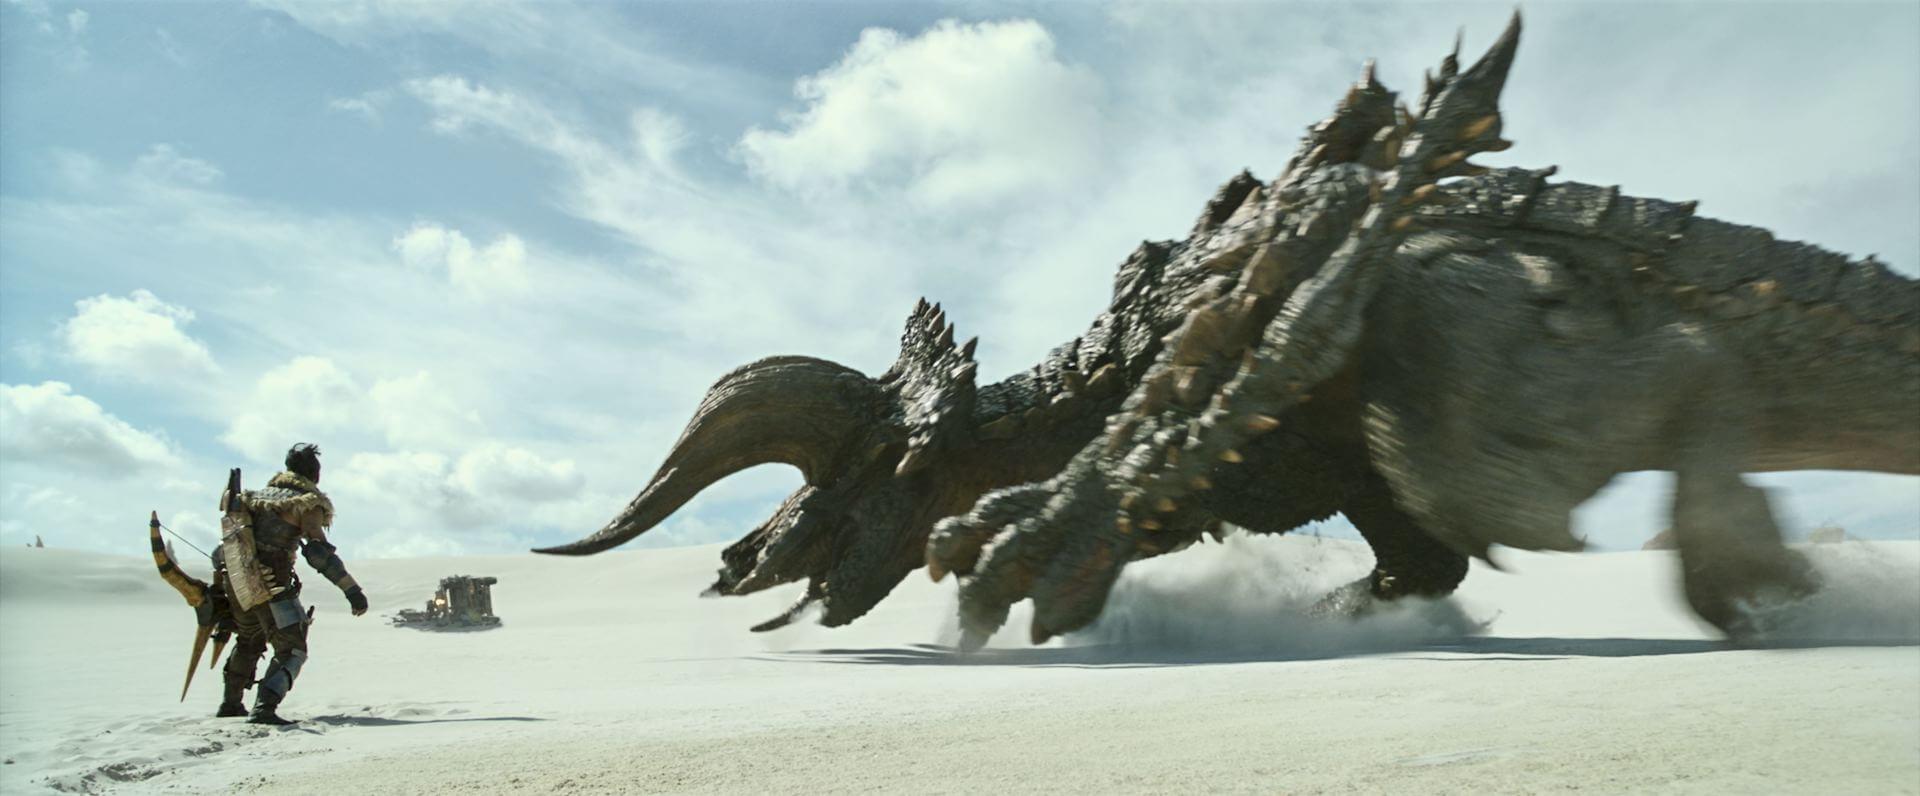 ミラ・ジョヴォヴィッチ&ポール・W・S・アンダーソン監督の『モンハン』愛が炸裂!『映画 モンスターハンター』の特別映像が解禁 film210325_monsterhunter_2